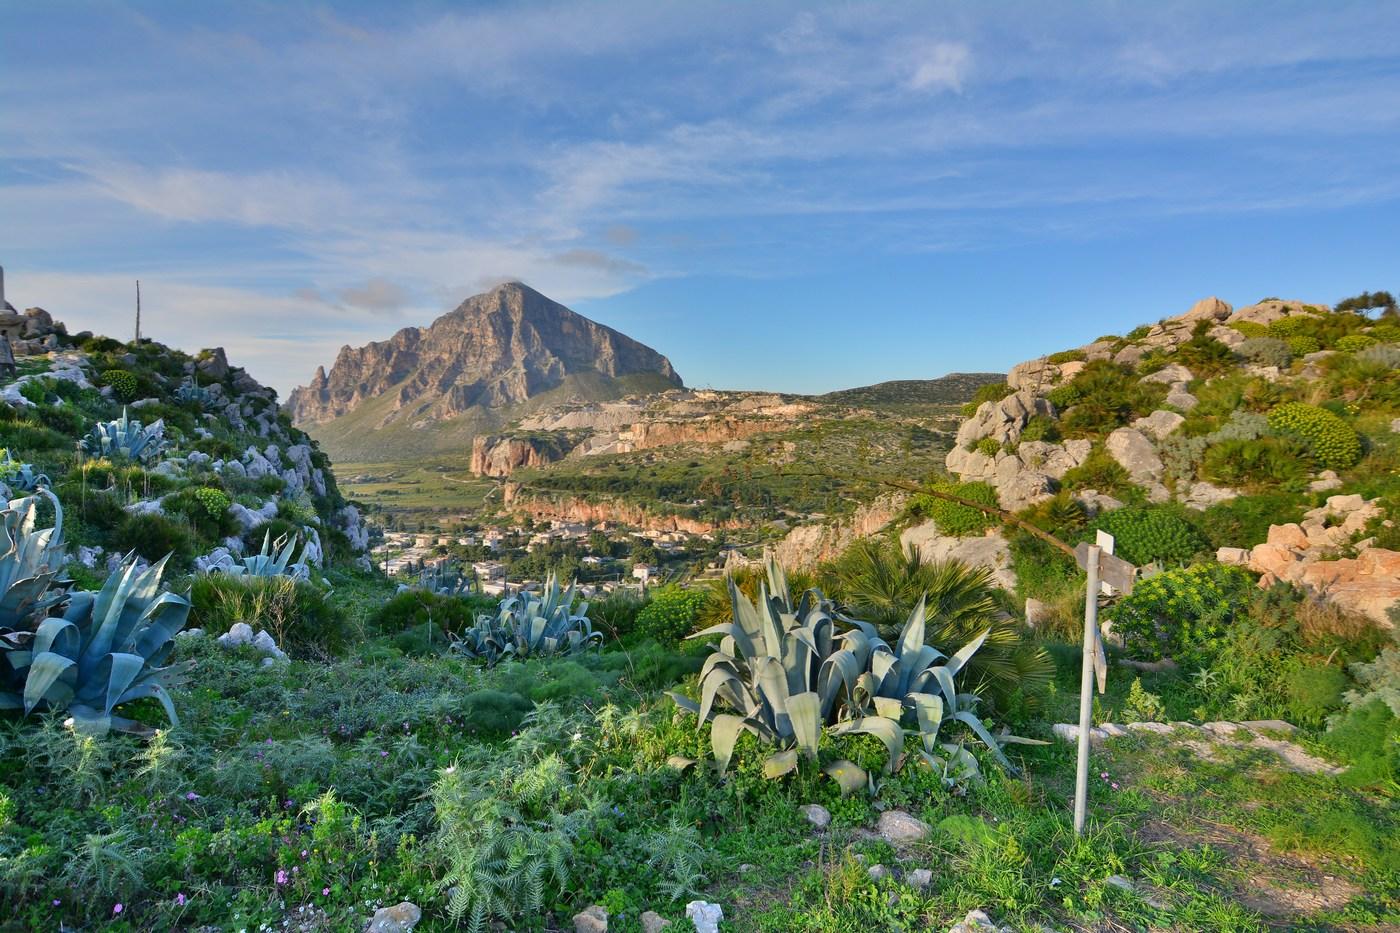 On aperçoit au loin, dans la falaise ocre dans l'axe du Monte Cofano, l'ouverture de la grotte.